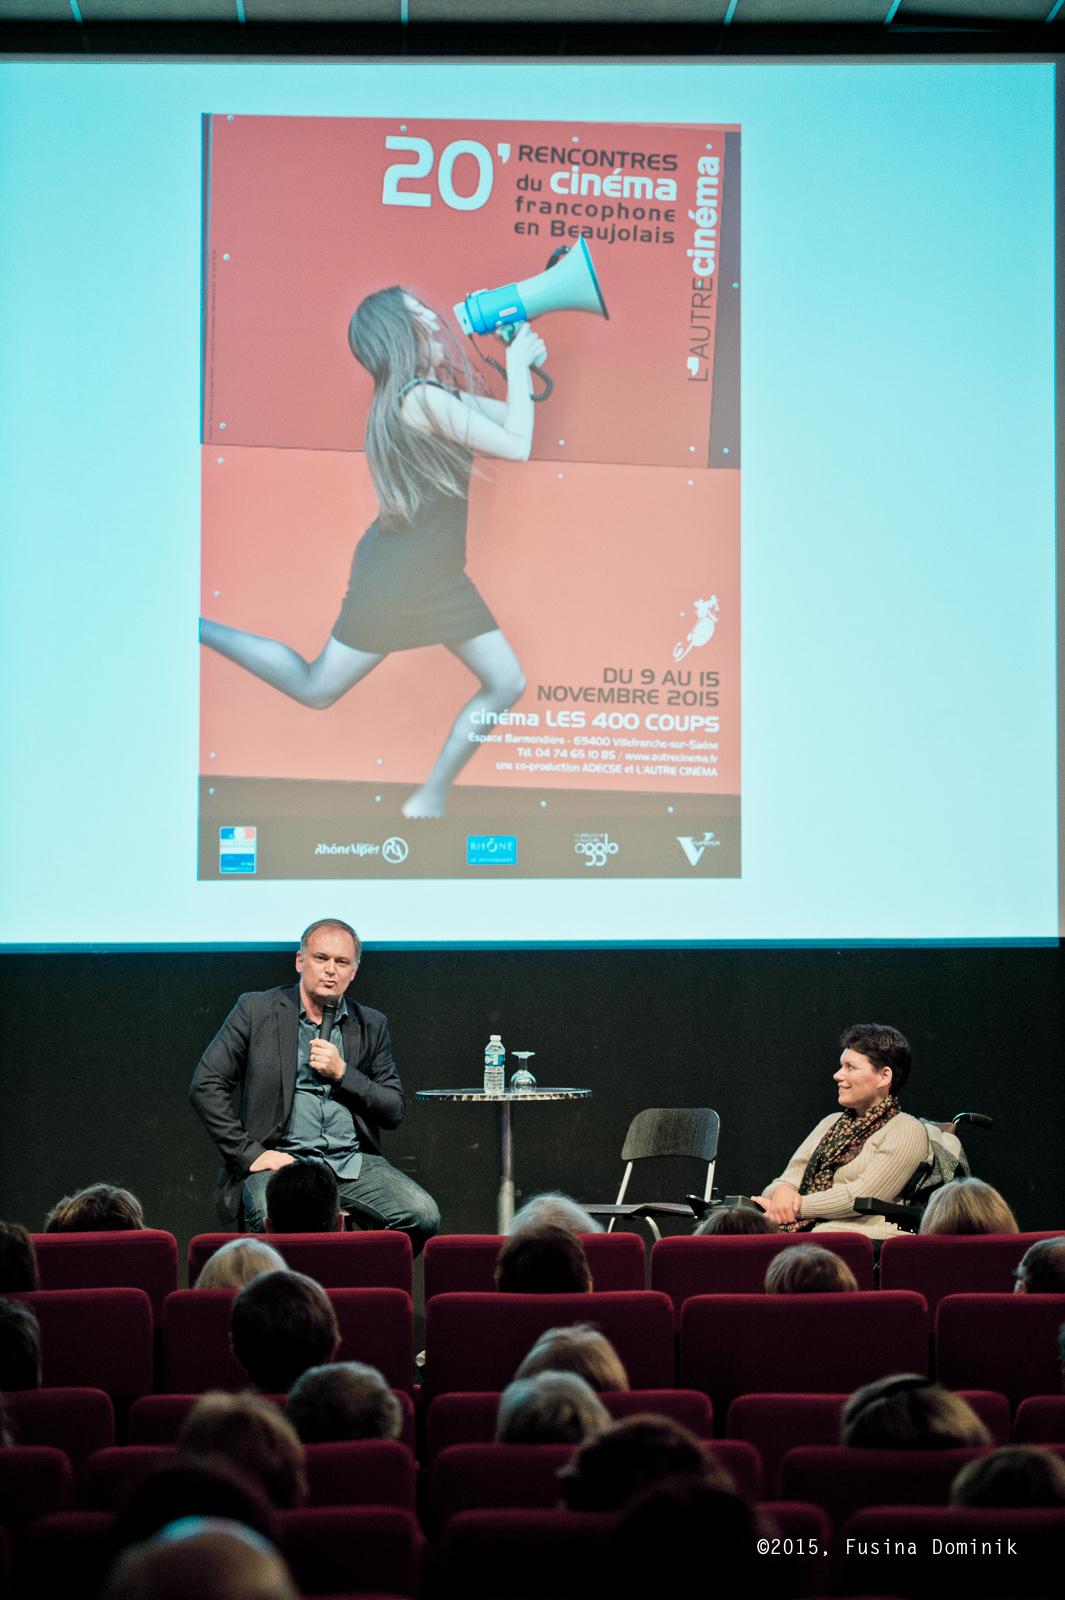 Christian carion - Cinema les 400 coups villefranche sur saone ...